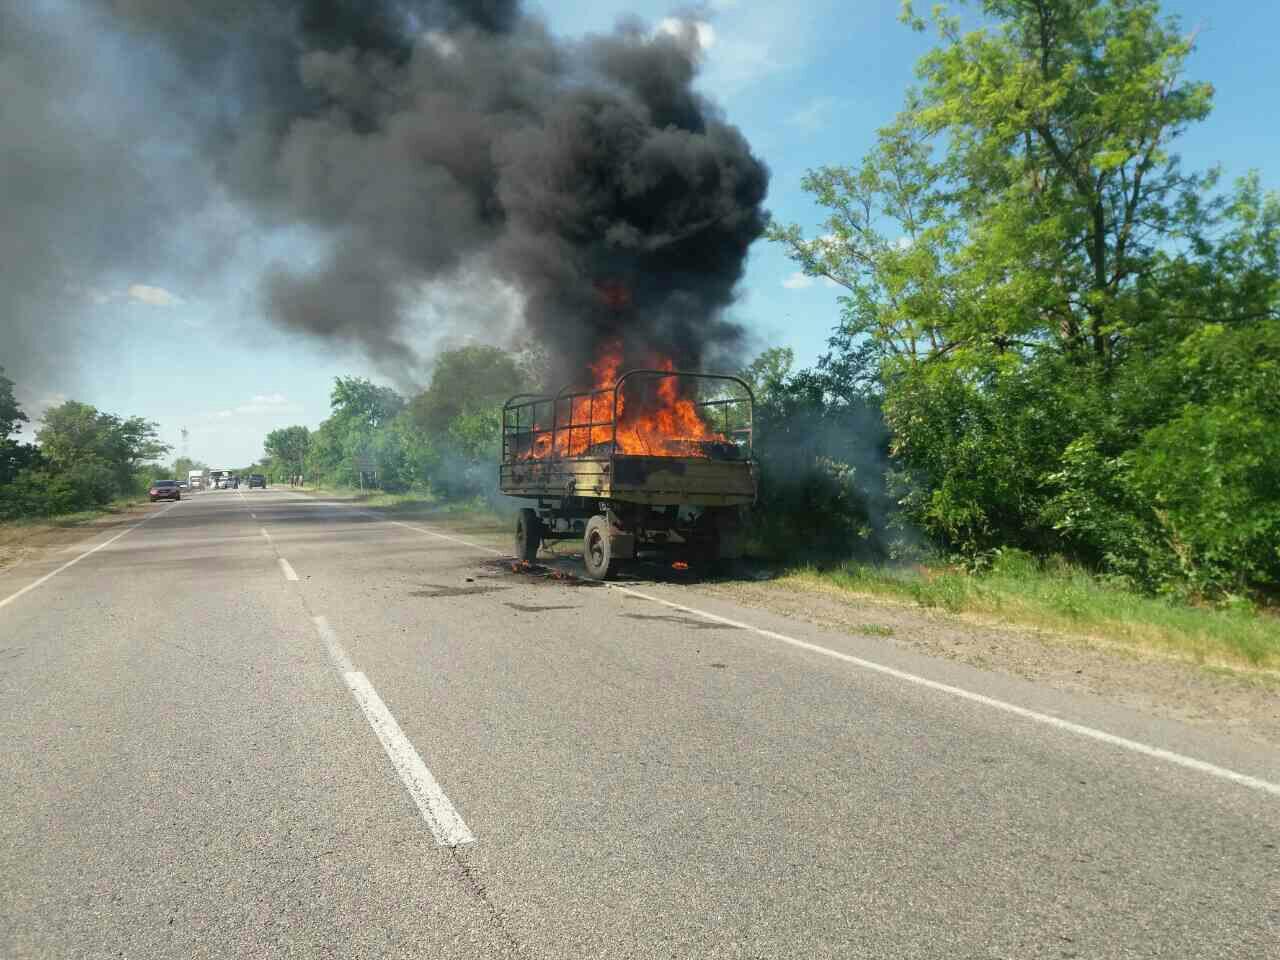 Военный грузовик с горючим сгорел прямо на трассе в Николаевской области: опубликованы кадры с места происшествия